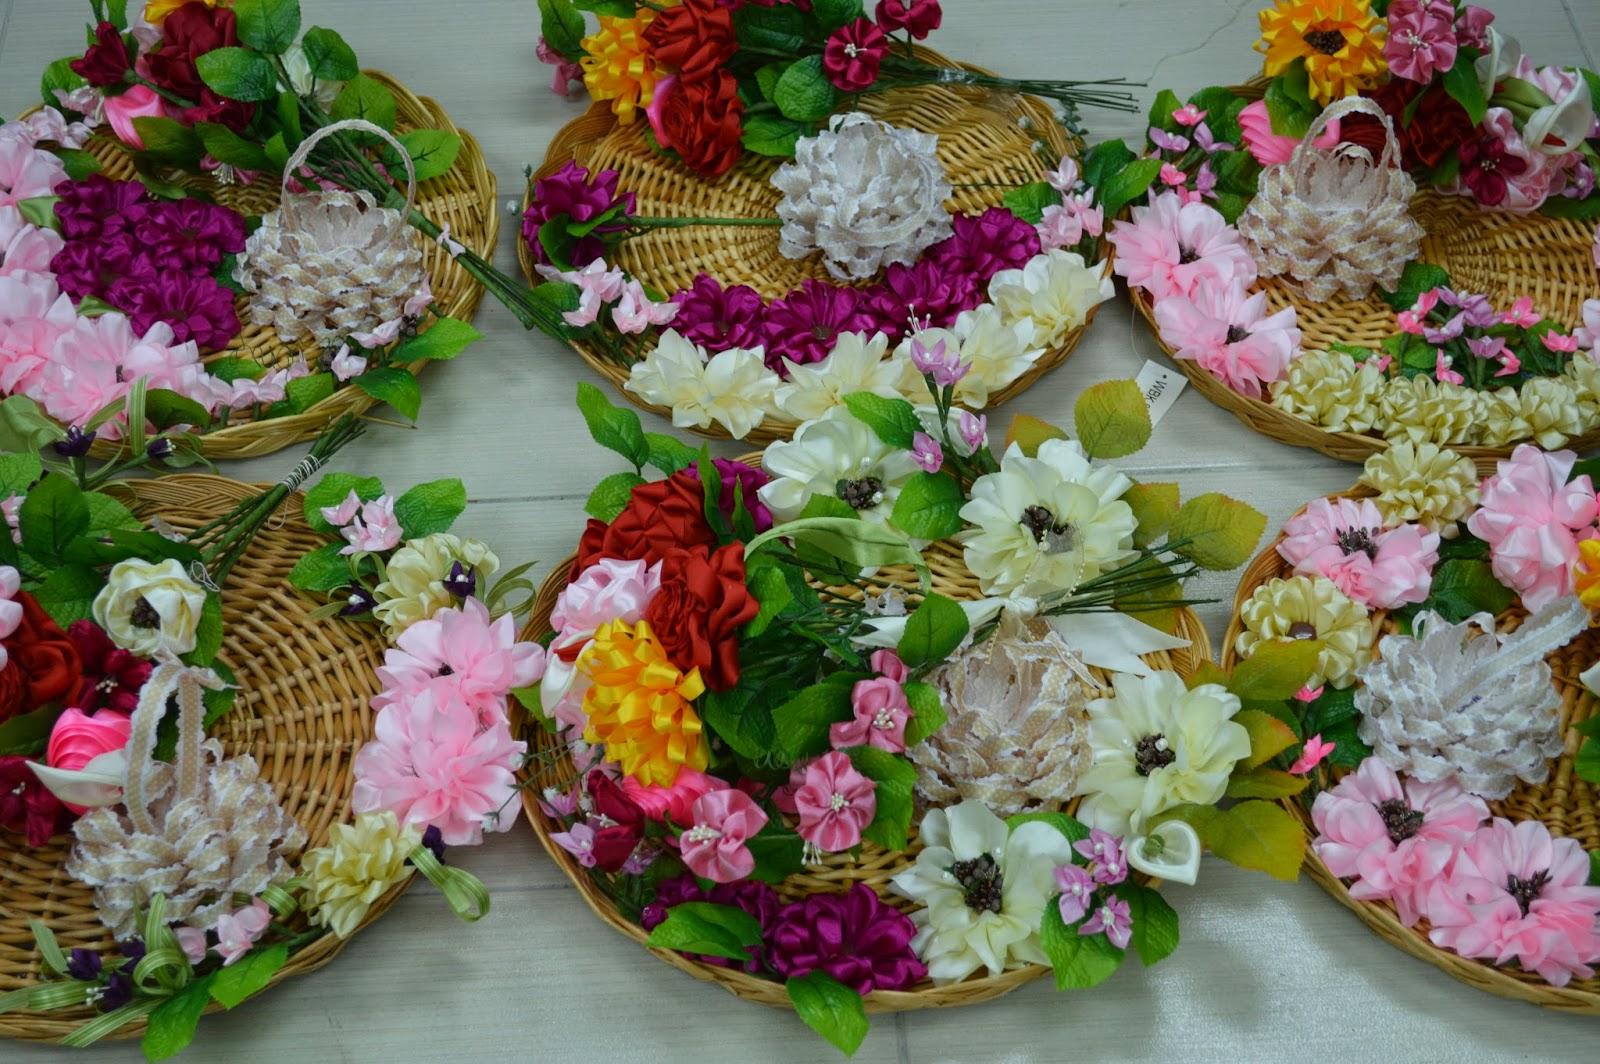 5 Hari Program Peserta Diajar Membuat 10 Jenis Bunga